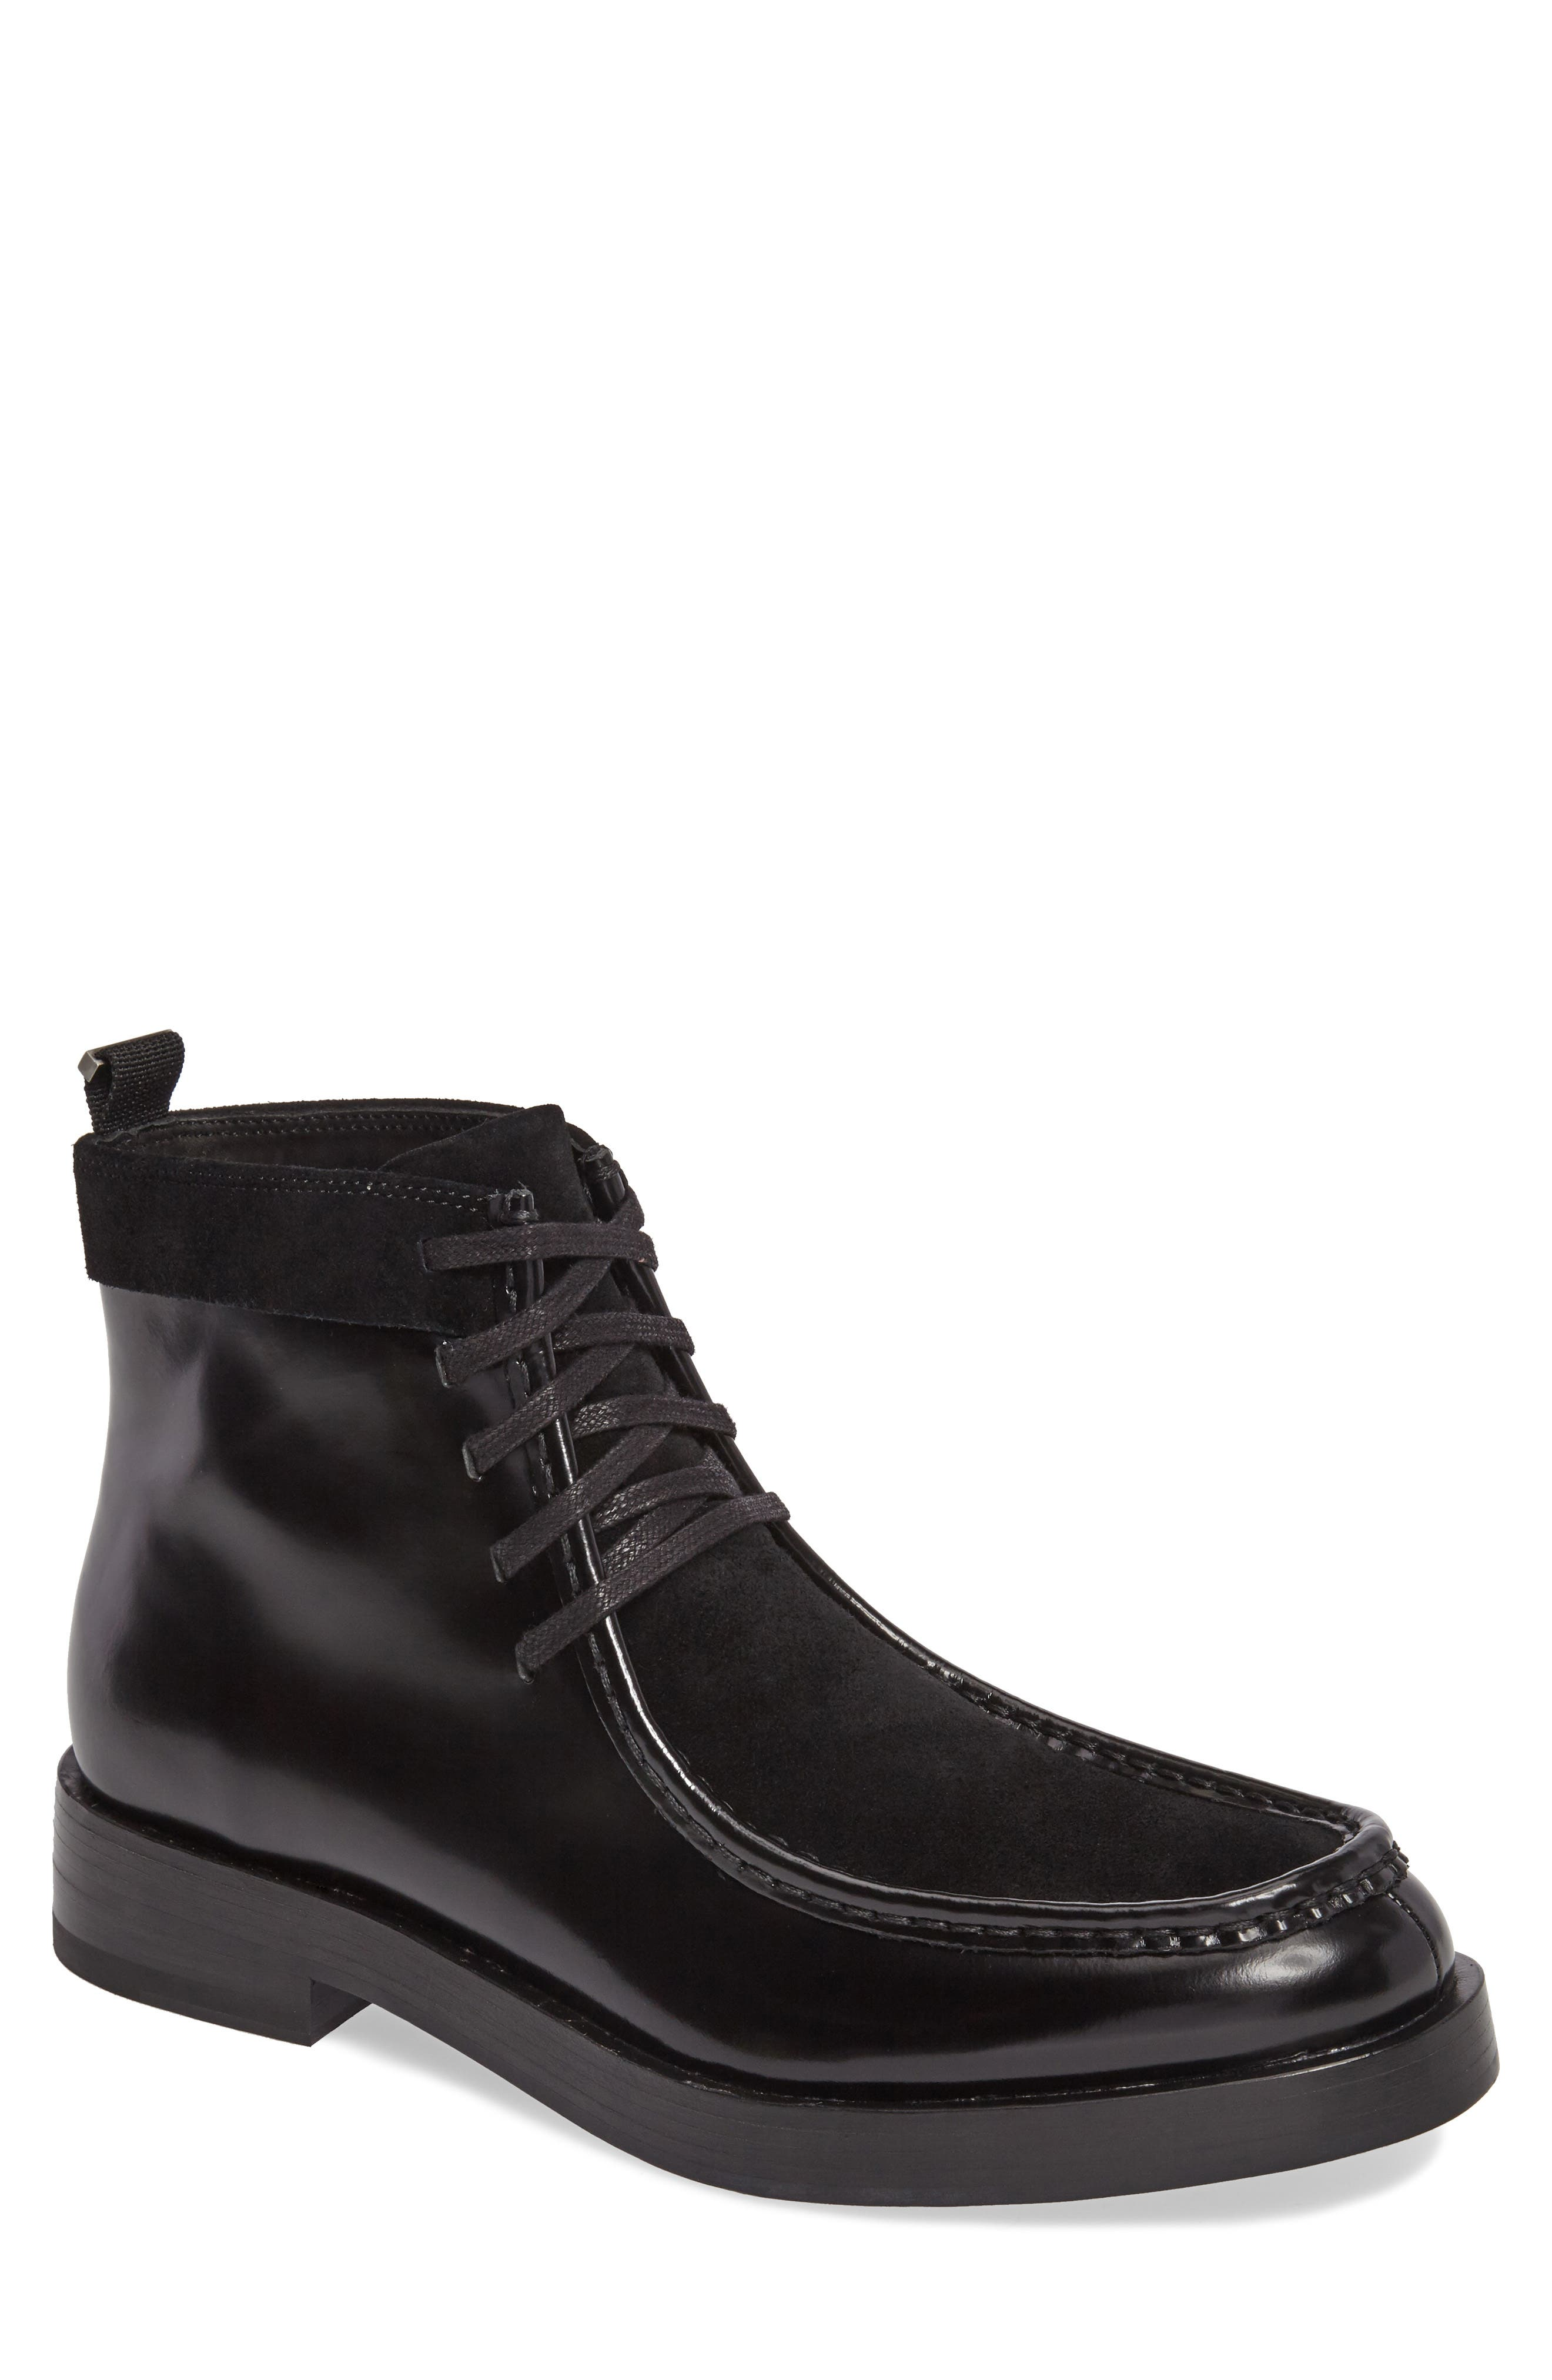 Rafi Moc Toe Boot,                         Main,                         color, 001